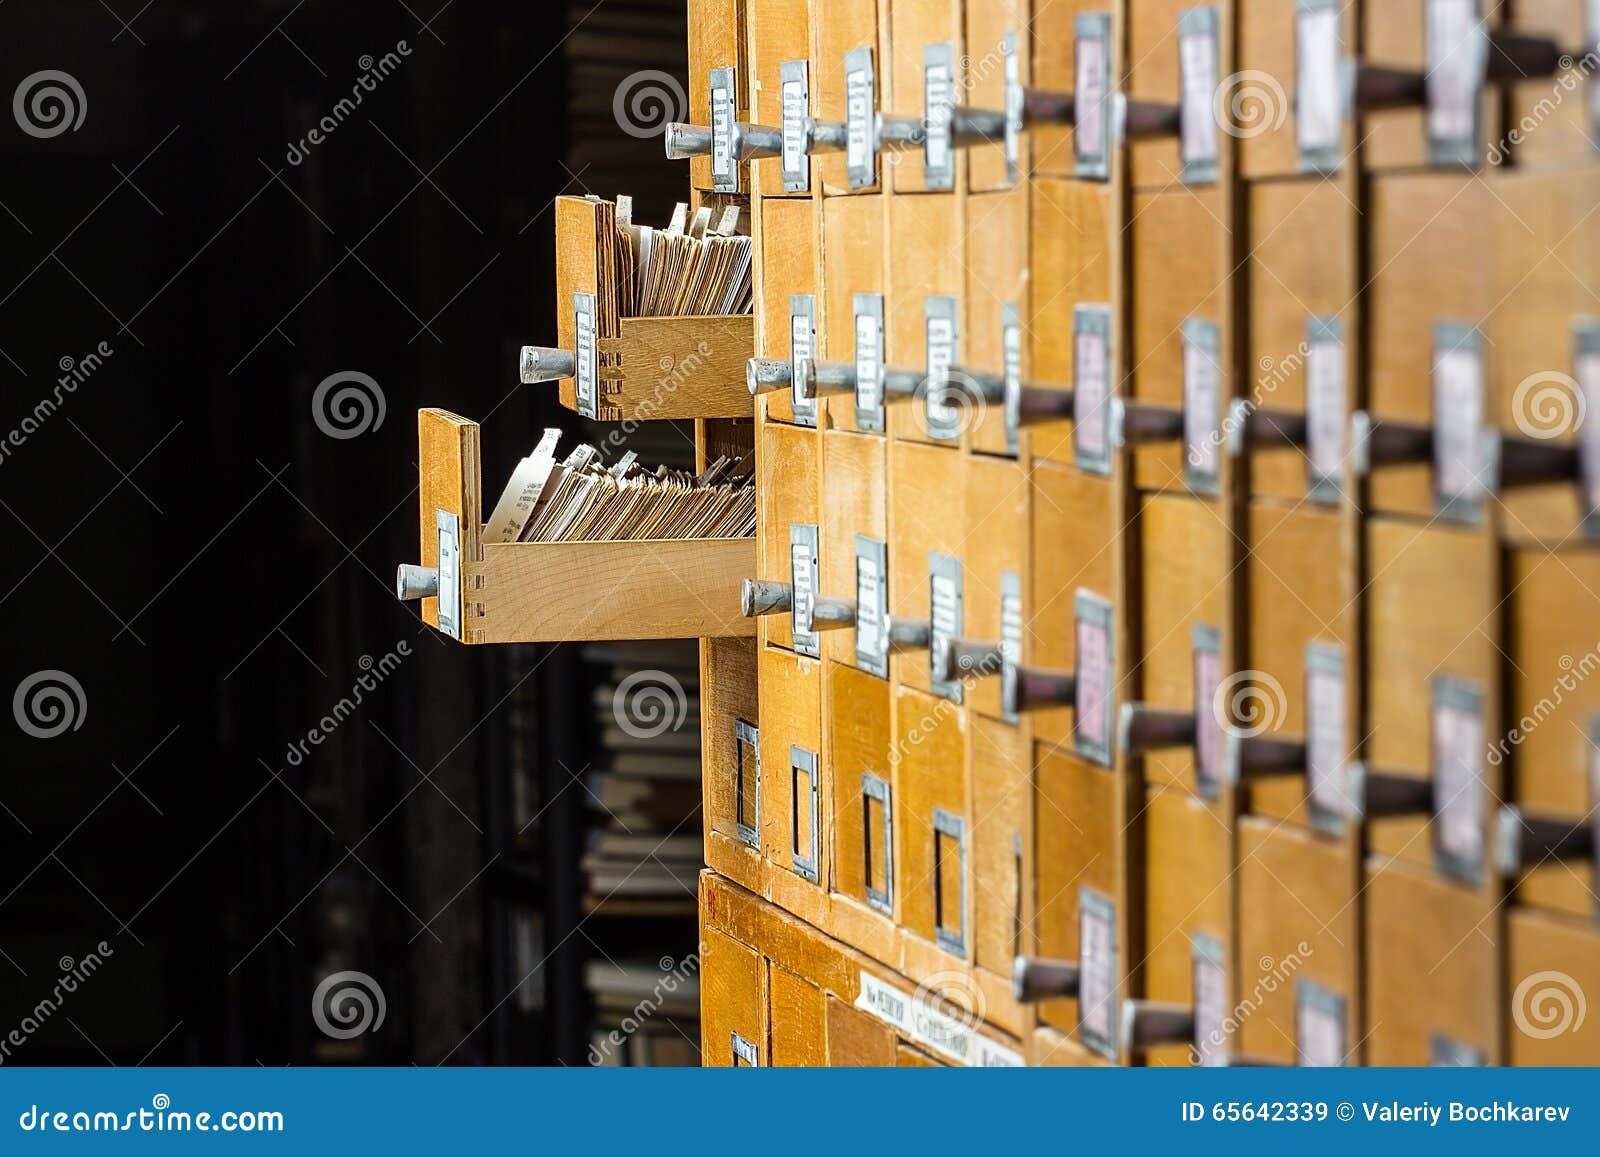 Vieux catalogue sur fiches en bois dans la bibliothèque d archives